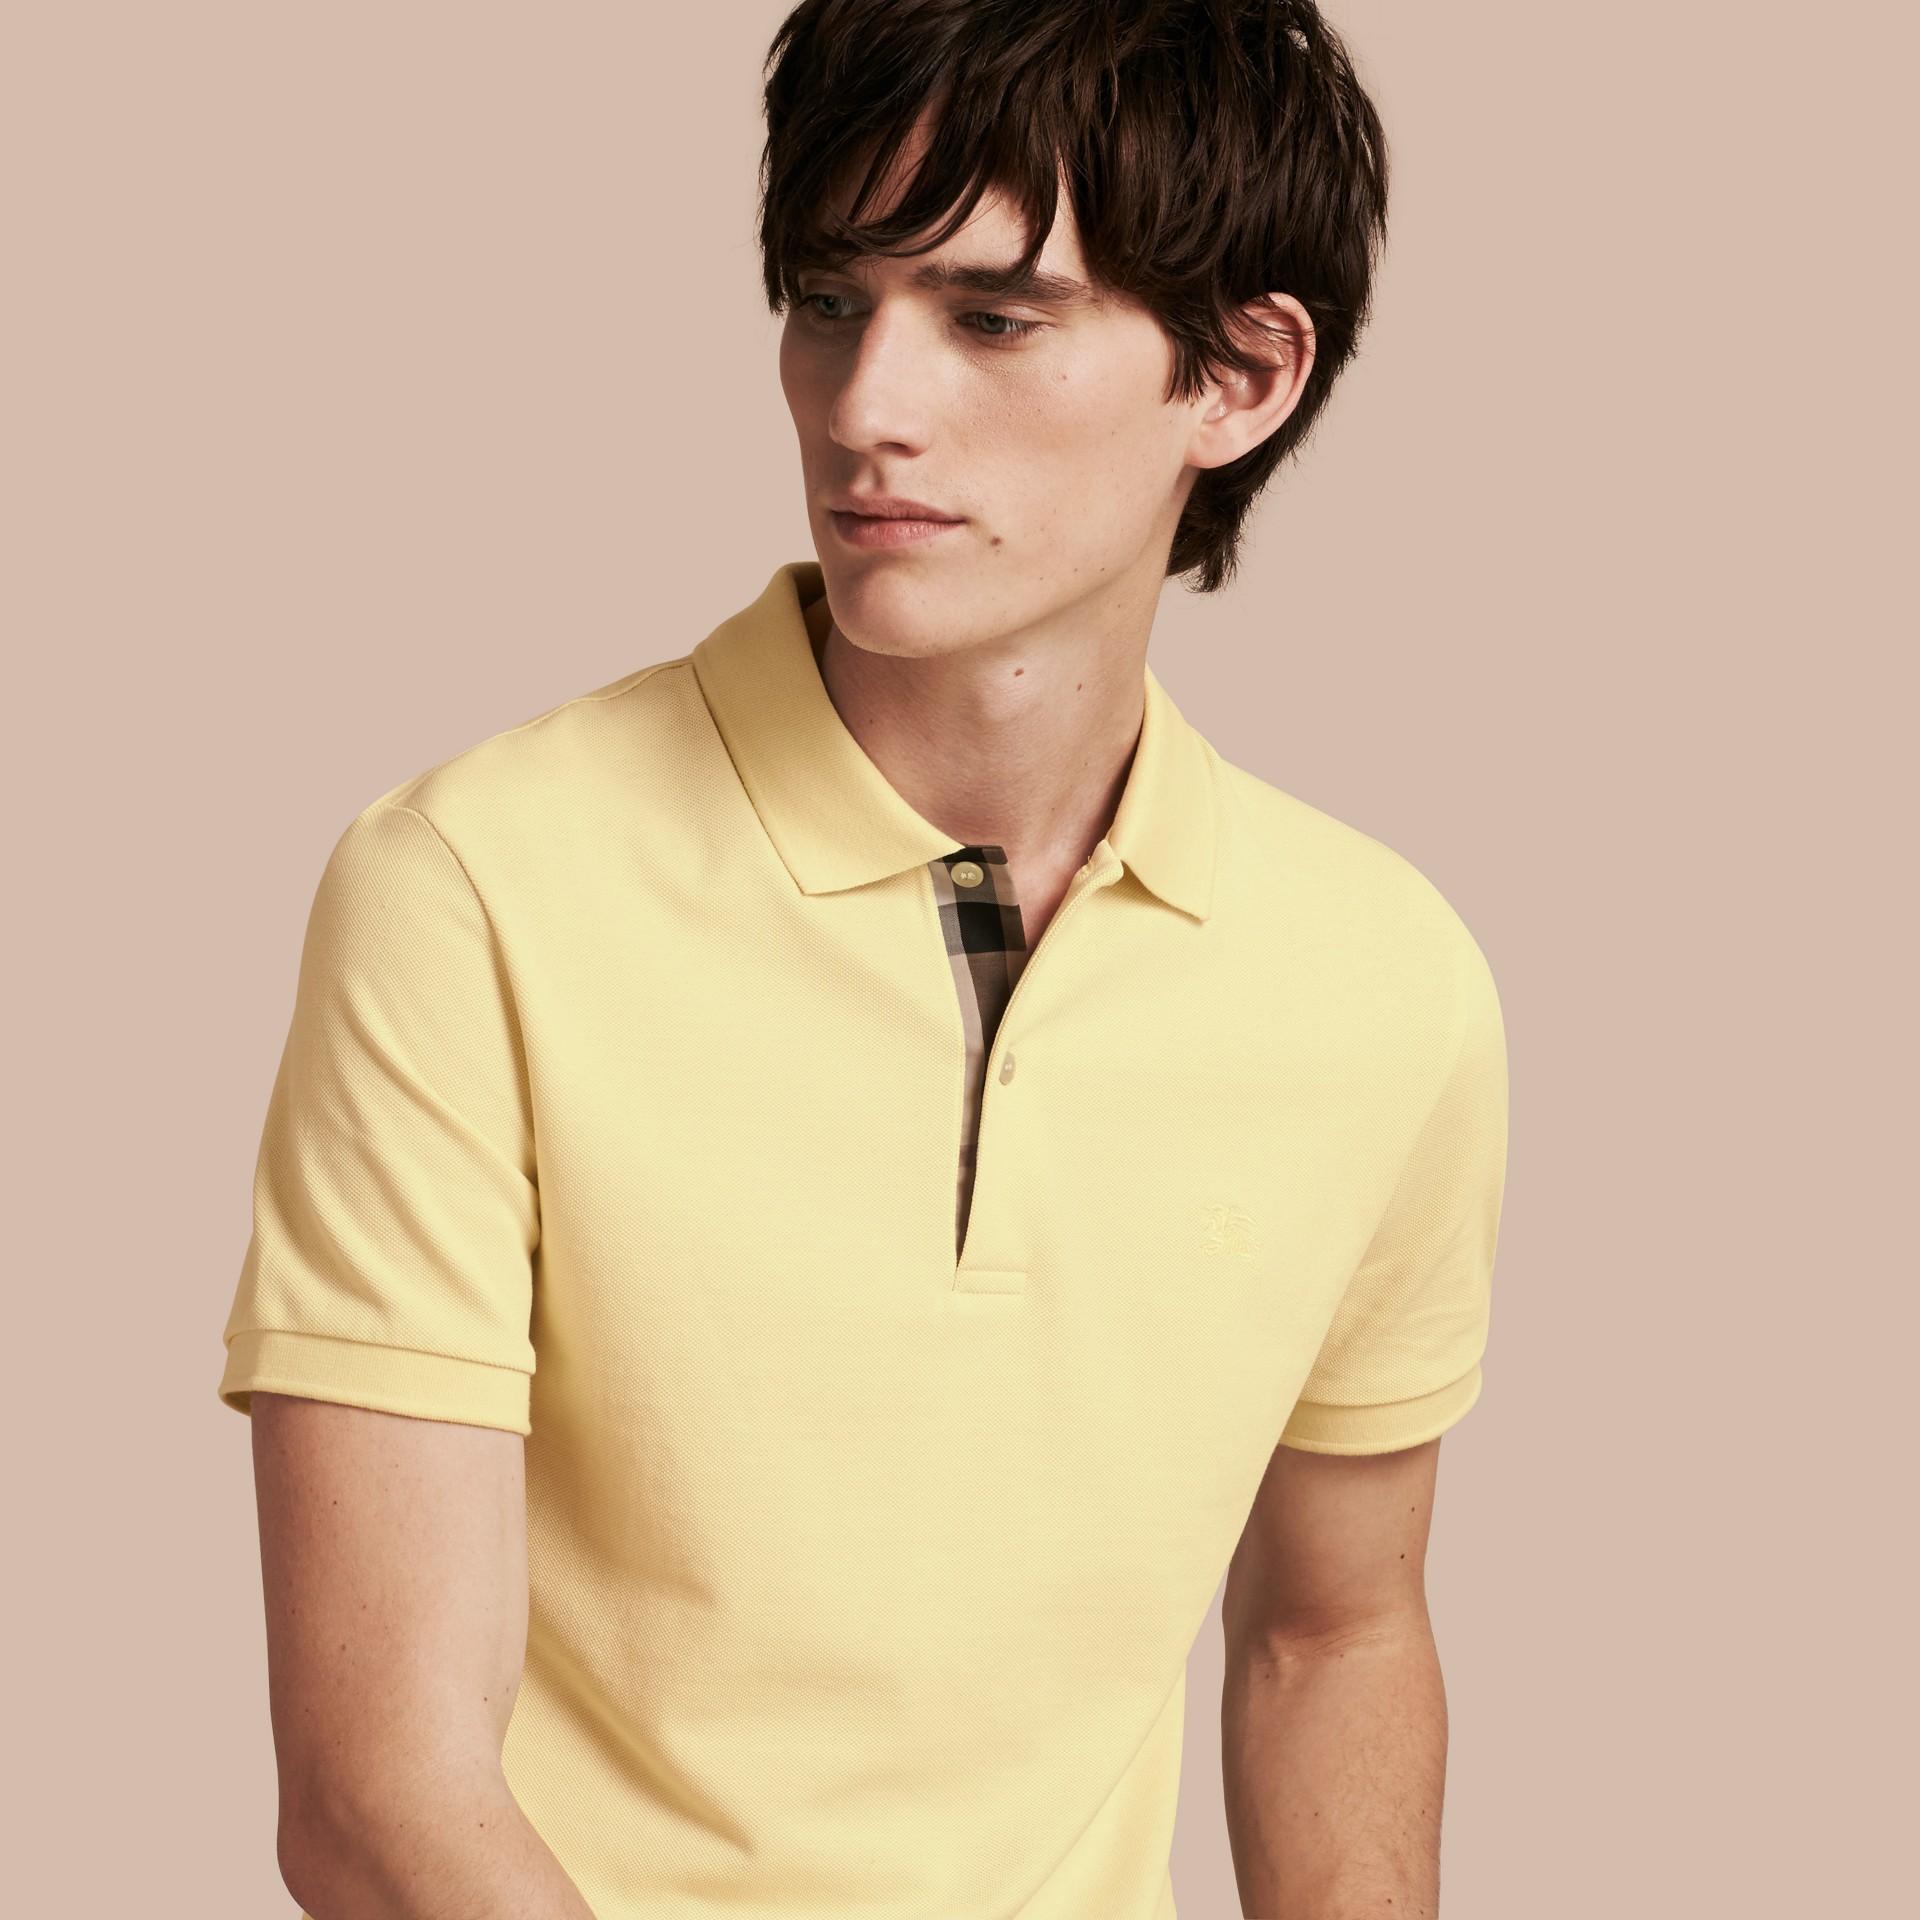 チェックプラケット コットンピケ ポロシャツ (バニライエロー) - メンズ | バーバリー - ギャラリーイメージ 1